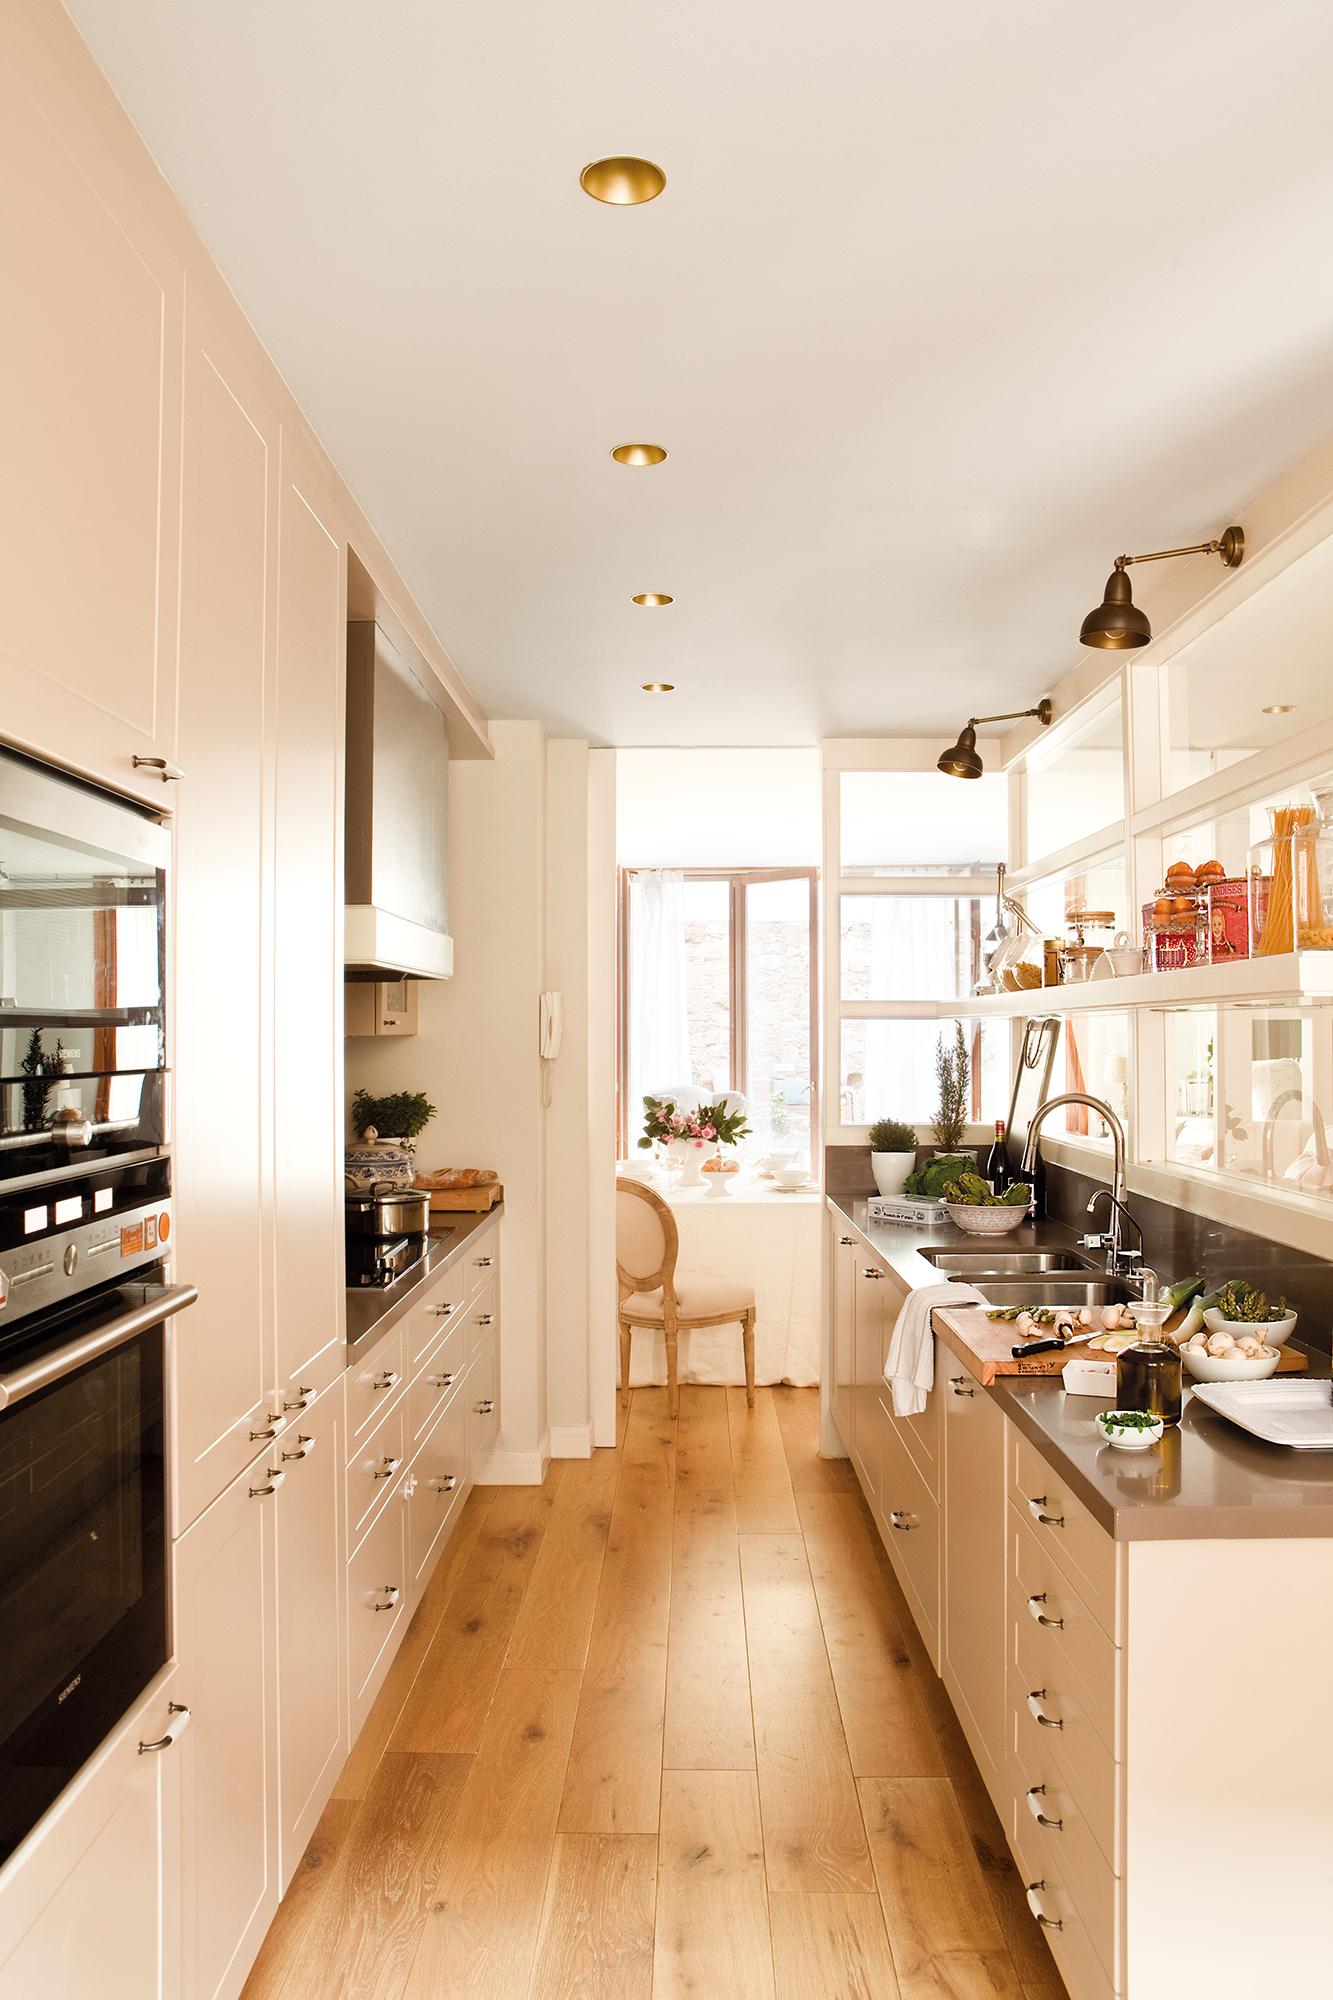 cocinas peque as distribuidas en paralelo On cocinas angostas y pequenas